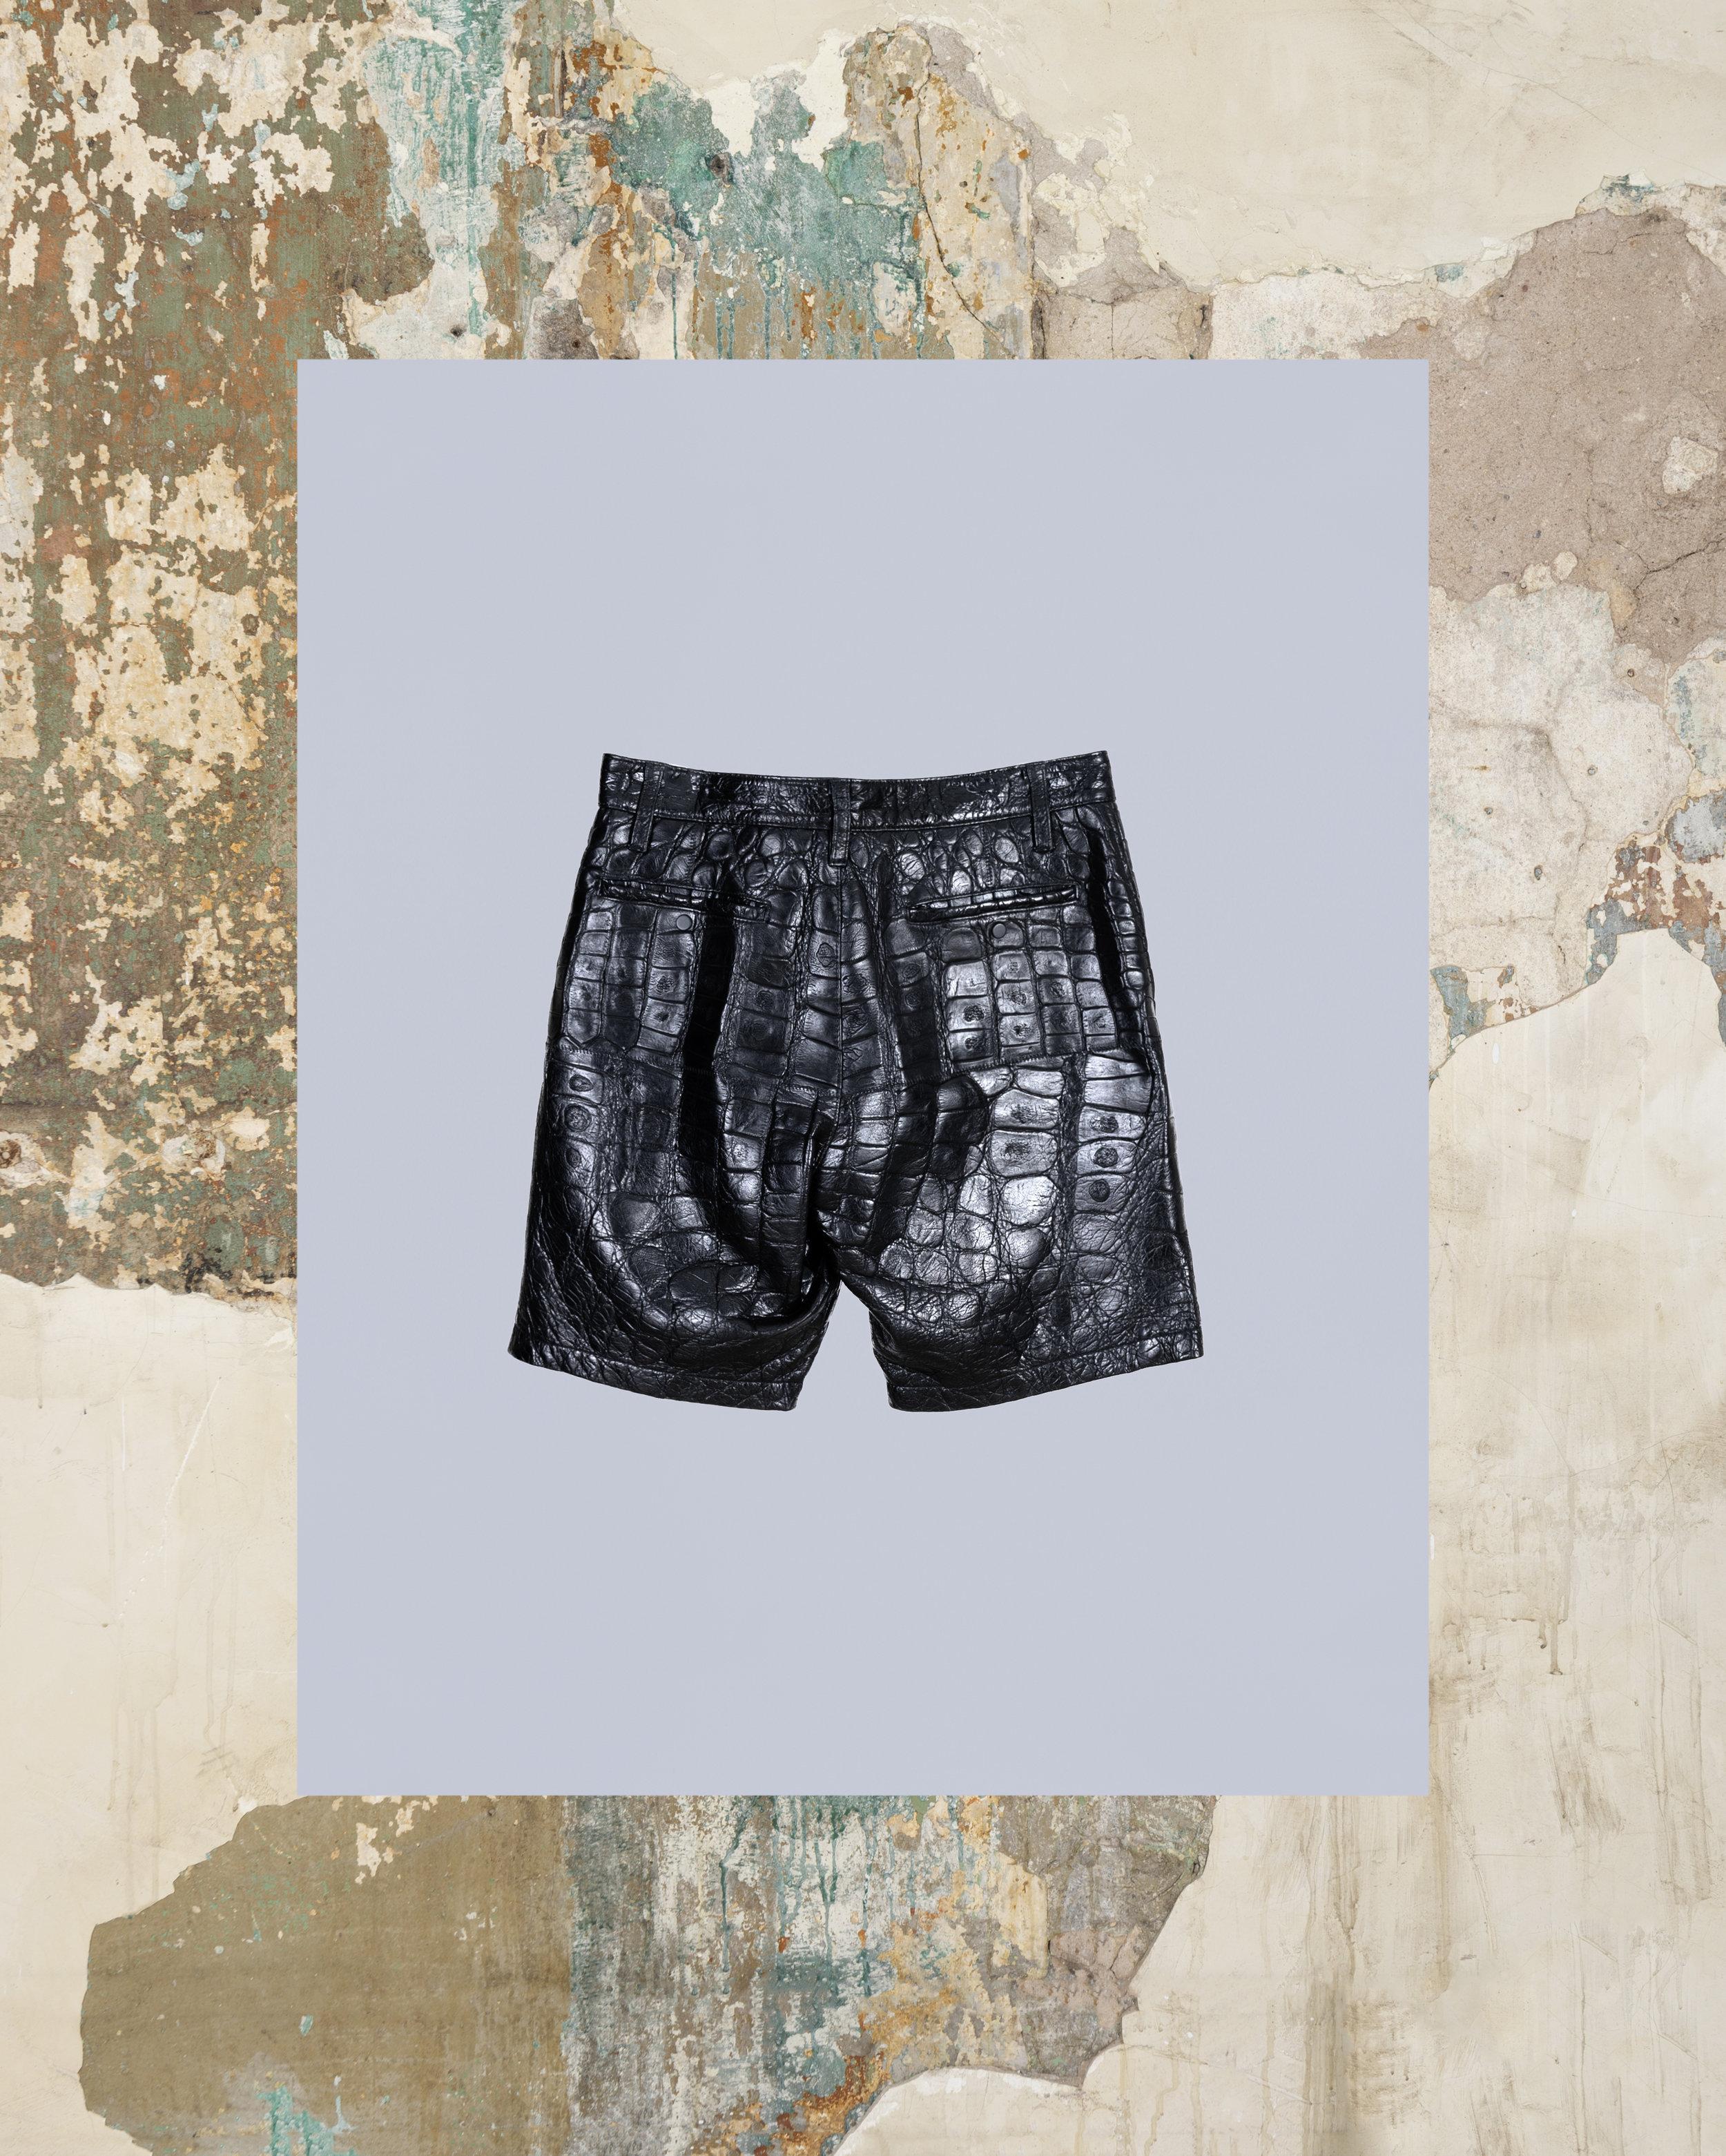 Gator_shorts_back.jpg